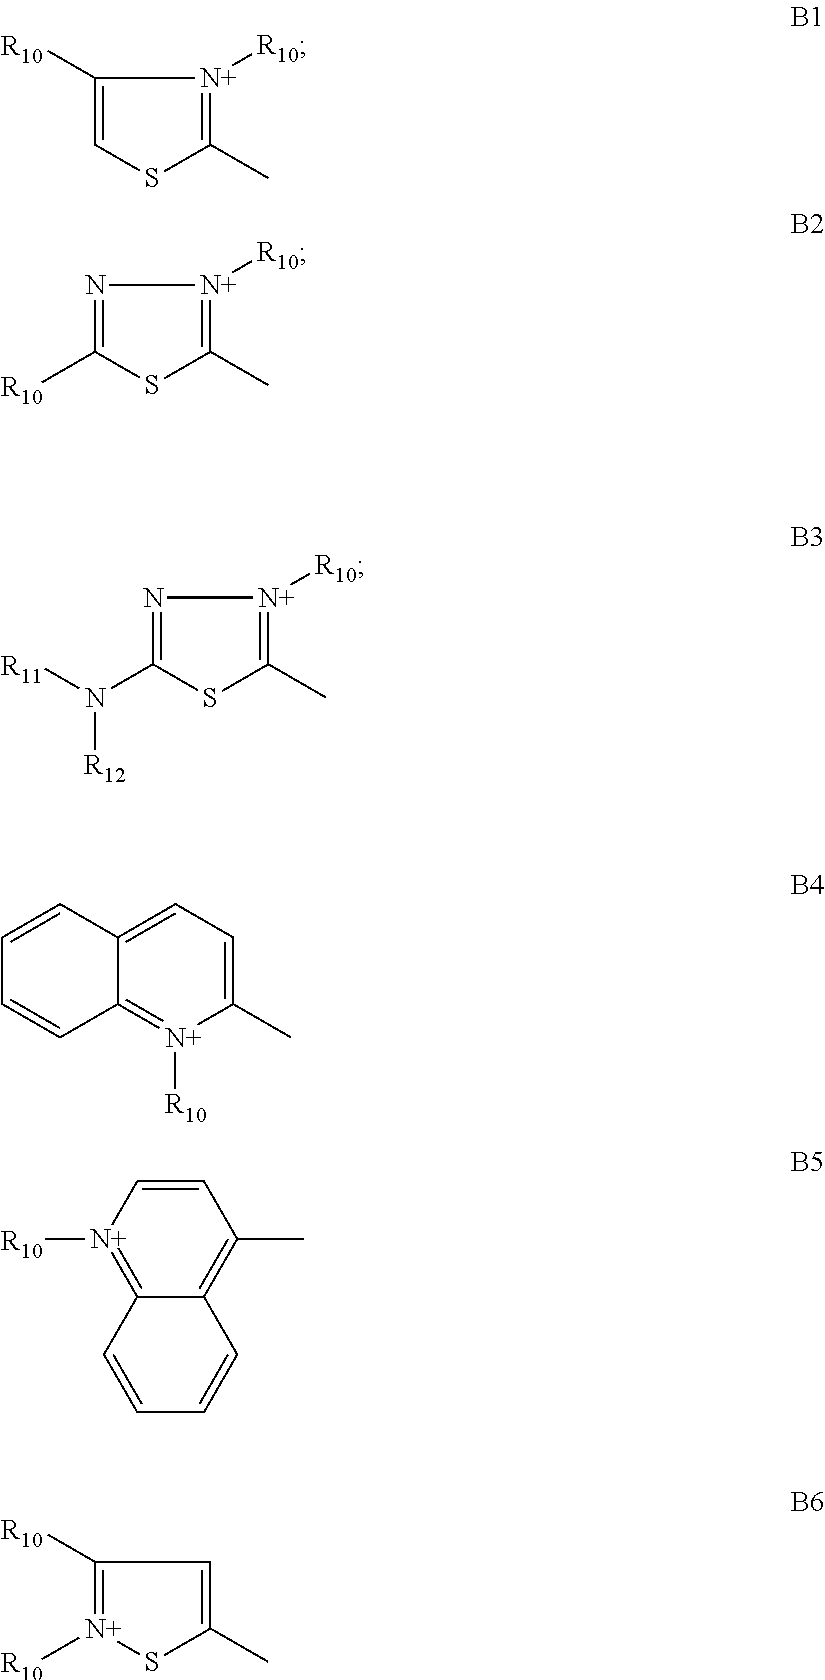 Figure US08118884-20120221-C00017